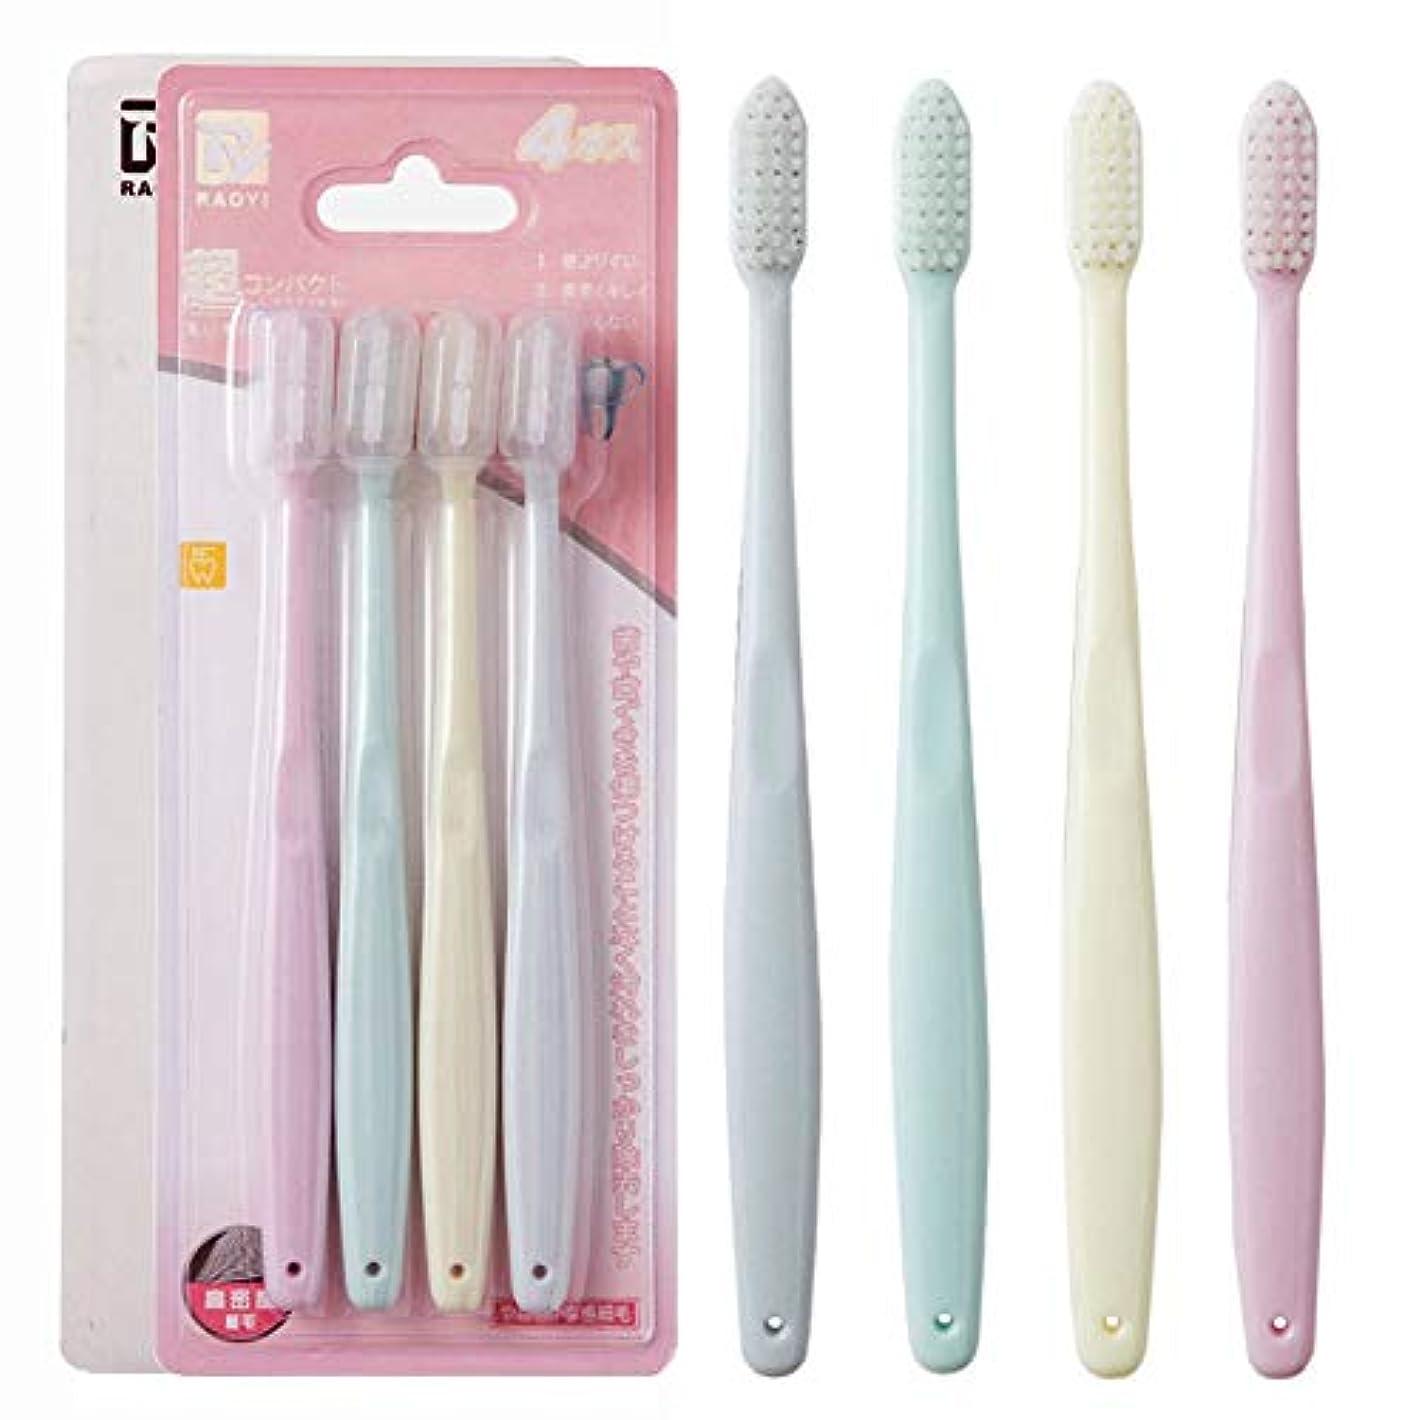 共産主義者サスティーンニッケル小さな歯ブラシ4本の棒、大人の子供の妊娠中の女性の極細の柔らかい歯ブラシ、歯肉ケア抗歯ブラシ